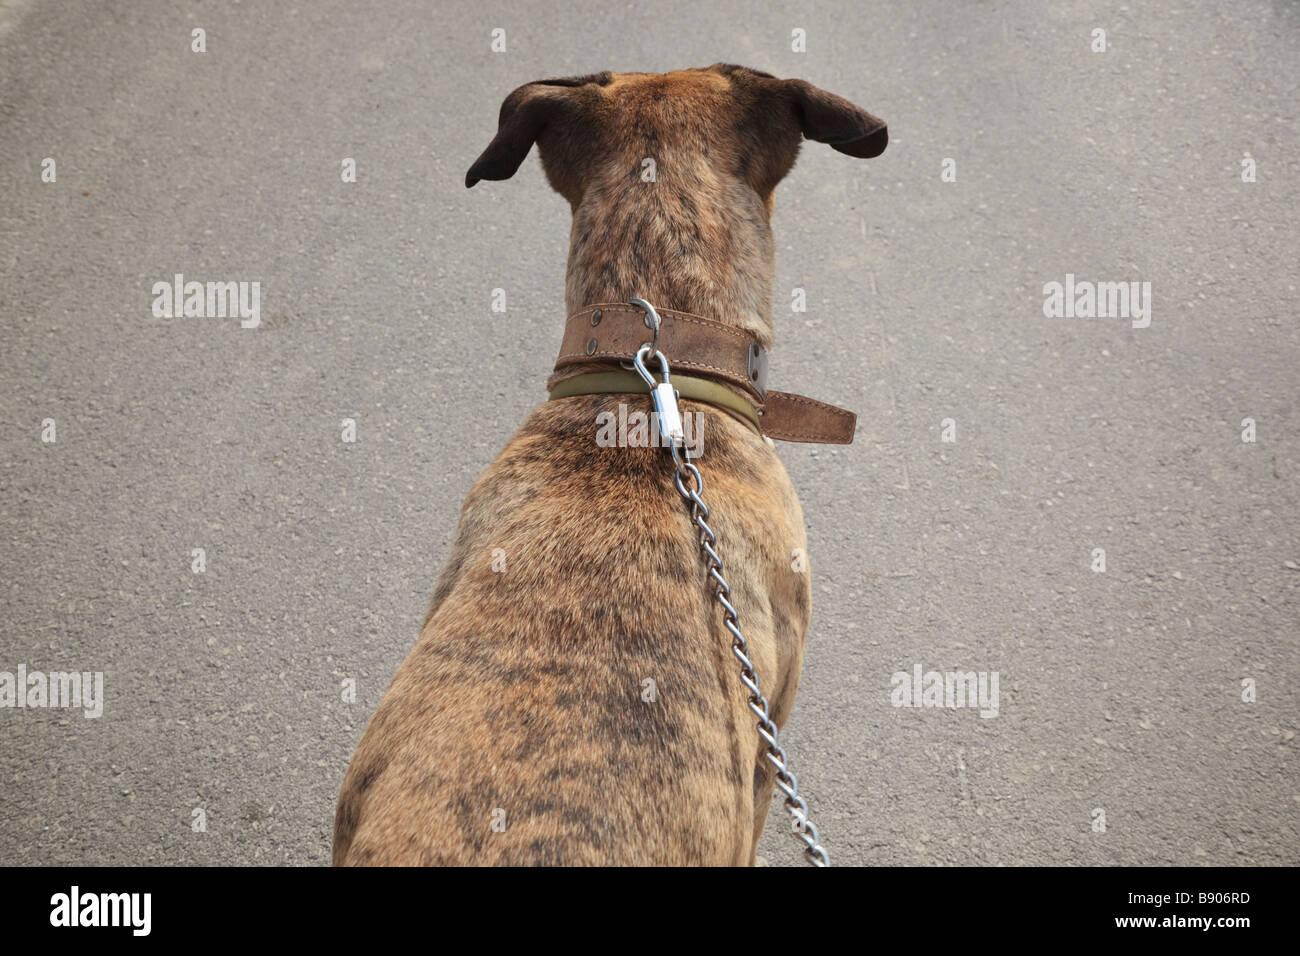 Cane di avviso sul piombo Immagini Stock